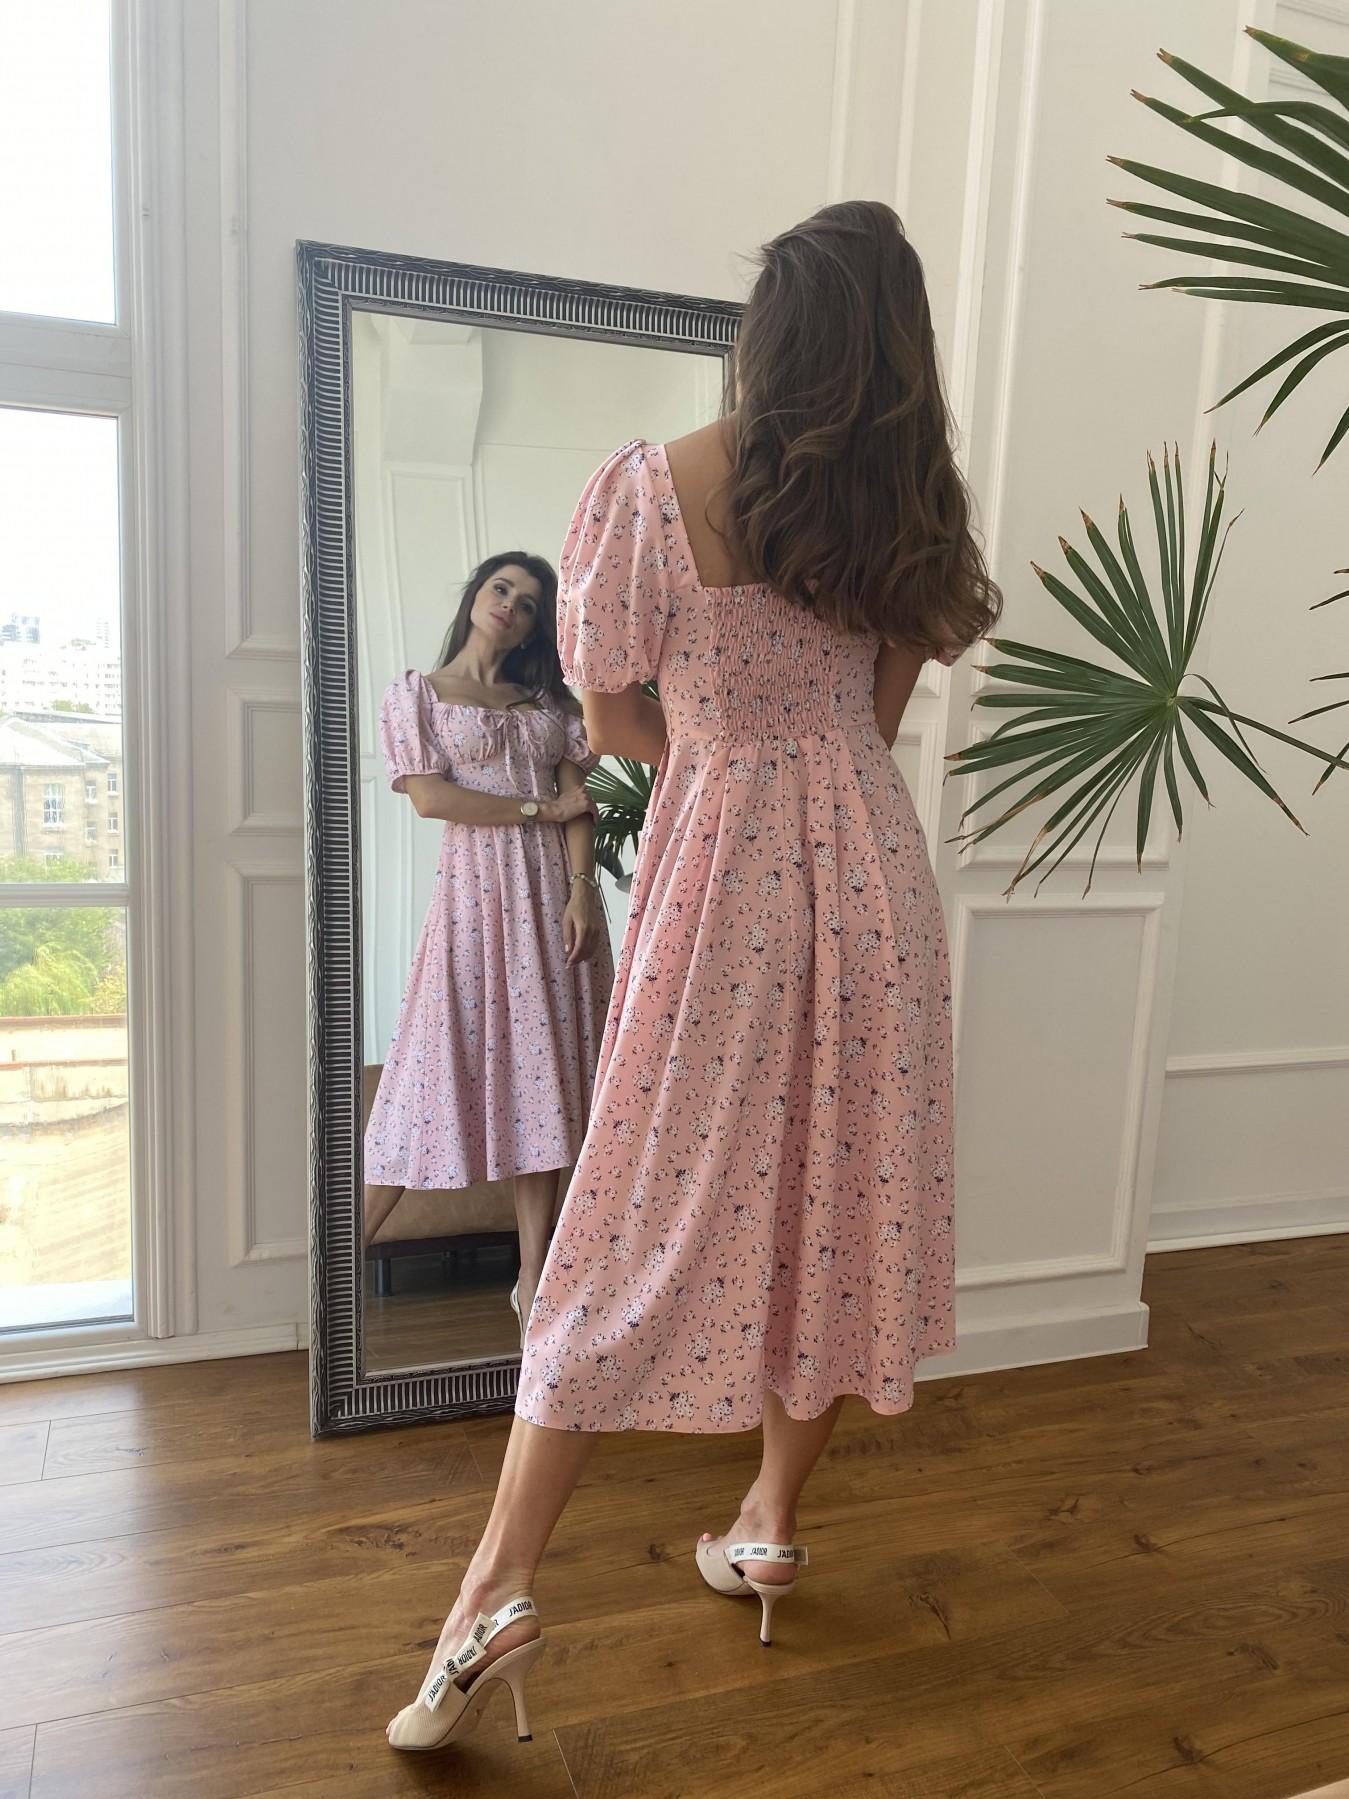 Кисес Миди платье из софт ткани в принт 11348 АРТ. 48189 Цвет: Пудра/белый/синийЦвМелк - фото 6, интернет магазин tm-modus.ru